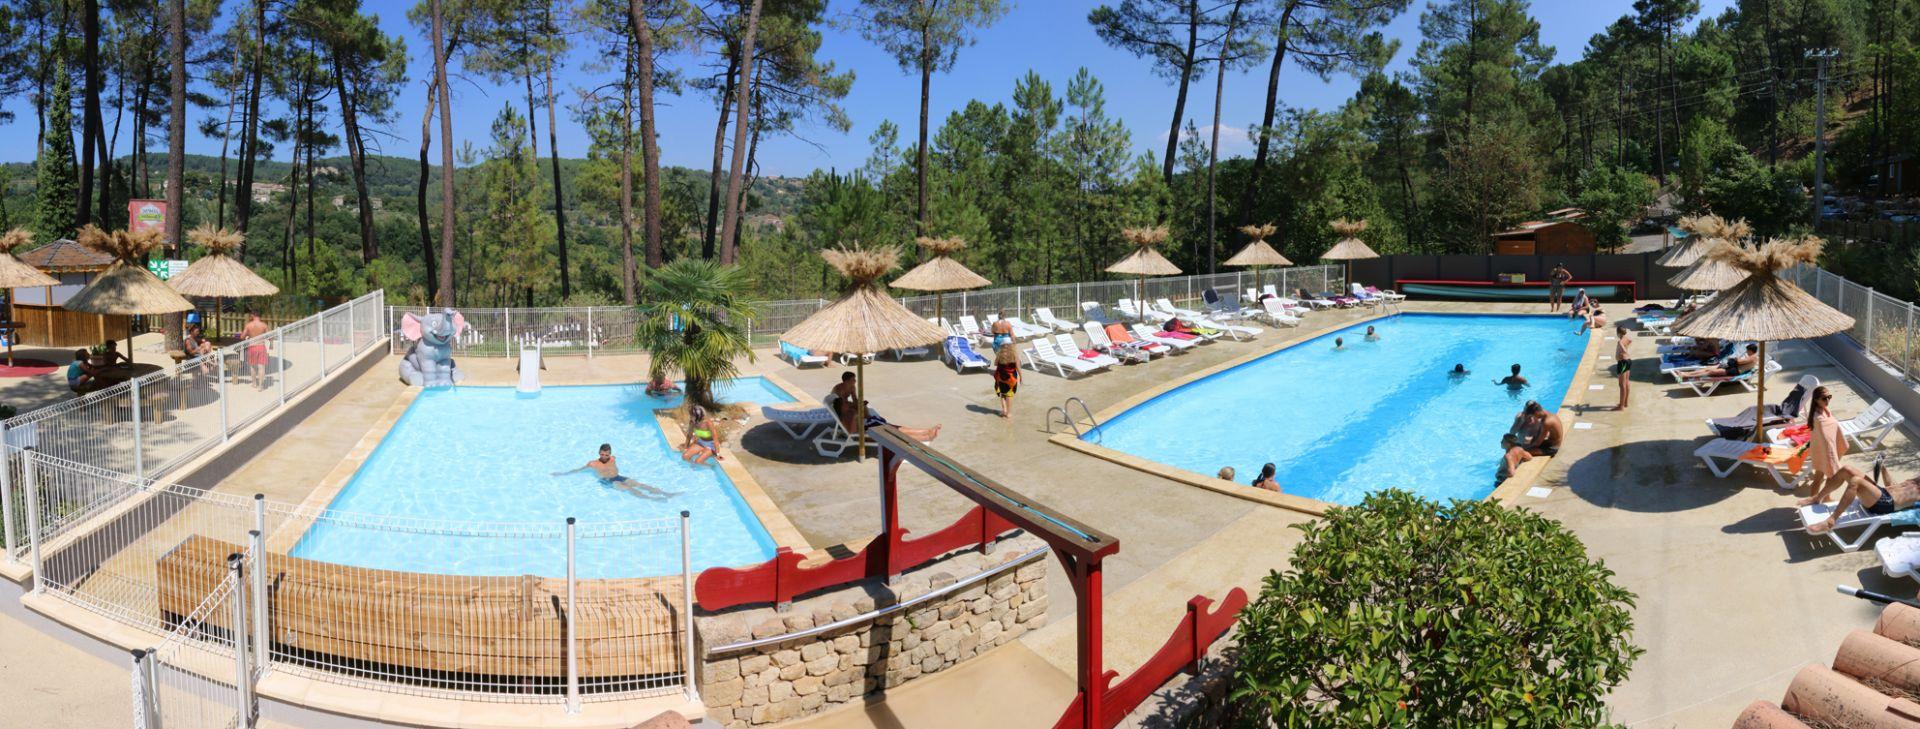 Camping 4 Etoiles Avec Piscine Chauffée Et Animations En Sud ... avec Camping Ardèche Avec Piscine